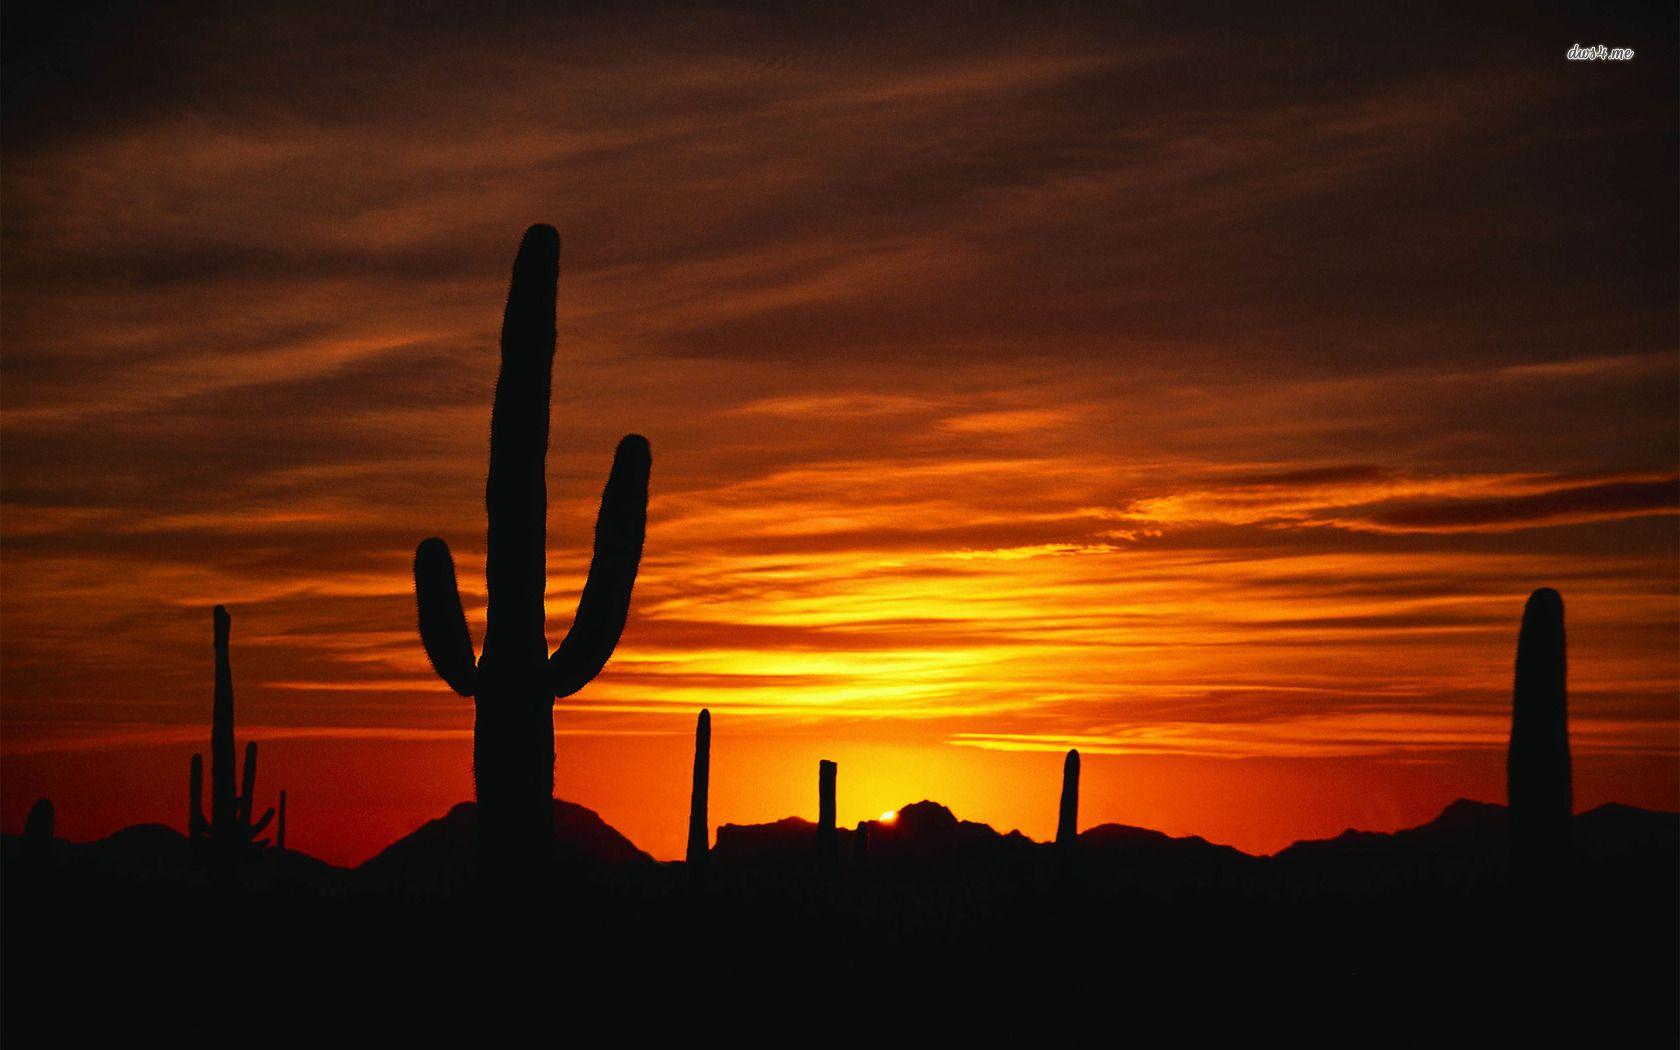 Sunset Over The Desert Hd Wallpaper Sunset Wallpaper Desert Sunset Sunset Hd wallpaper cacti evening sunset desert